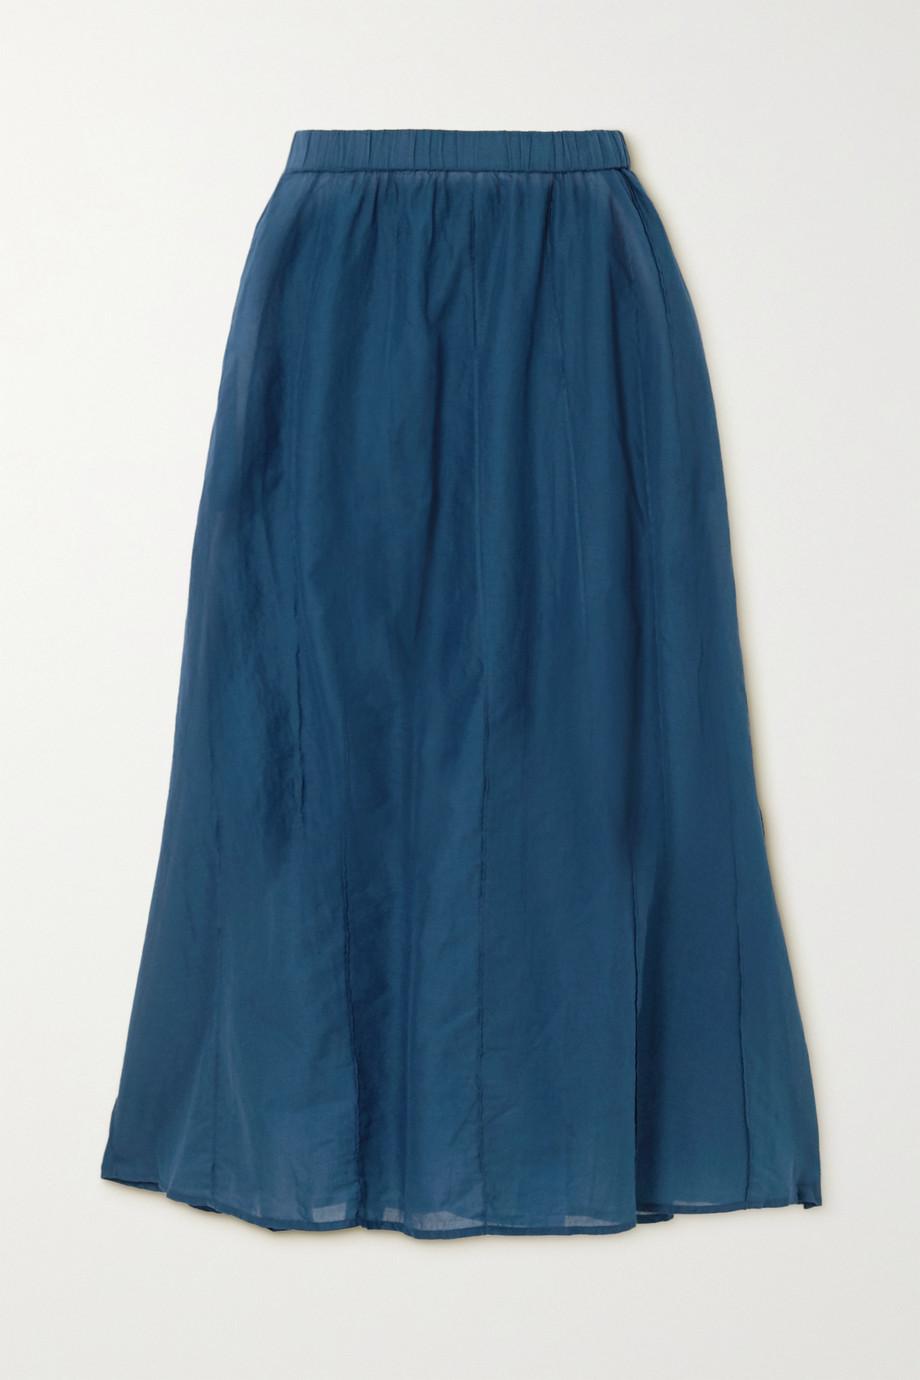 Skin Beatriz pintucked cotton-voile midi skirt